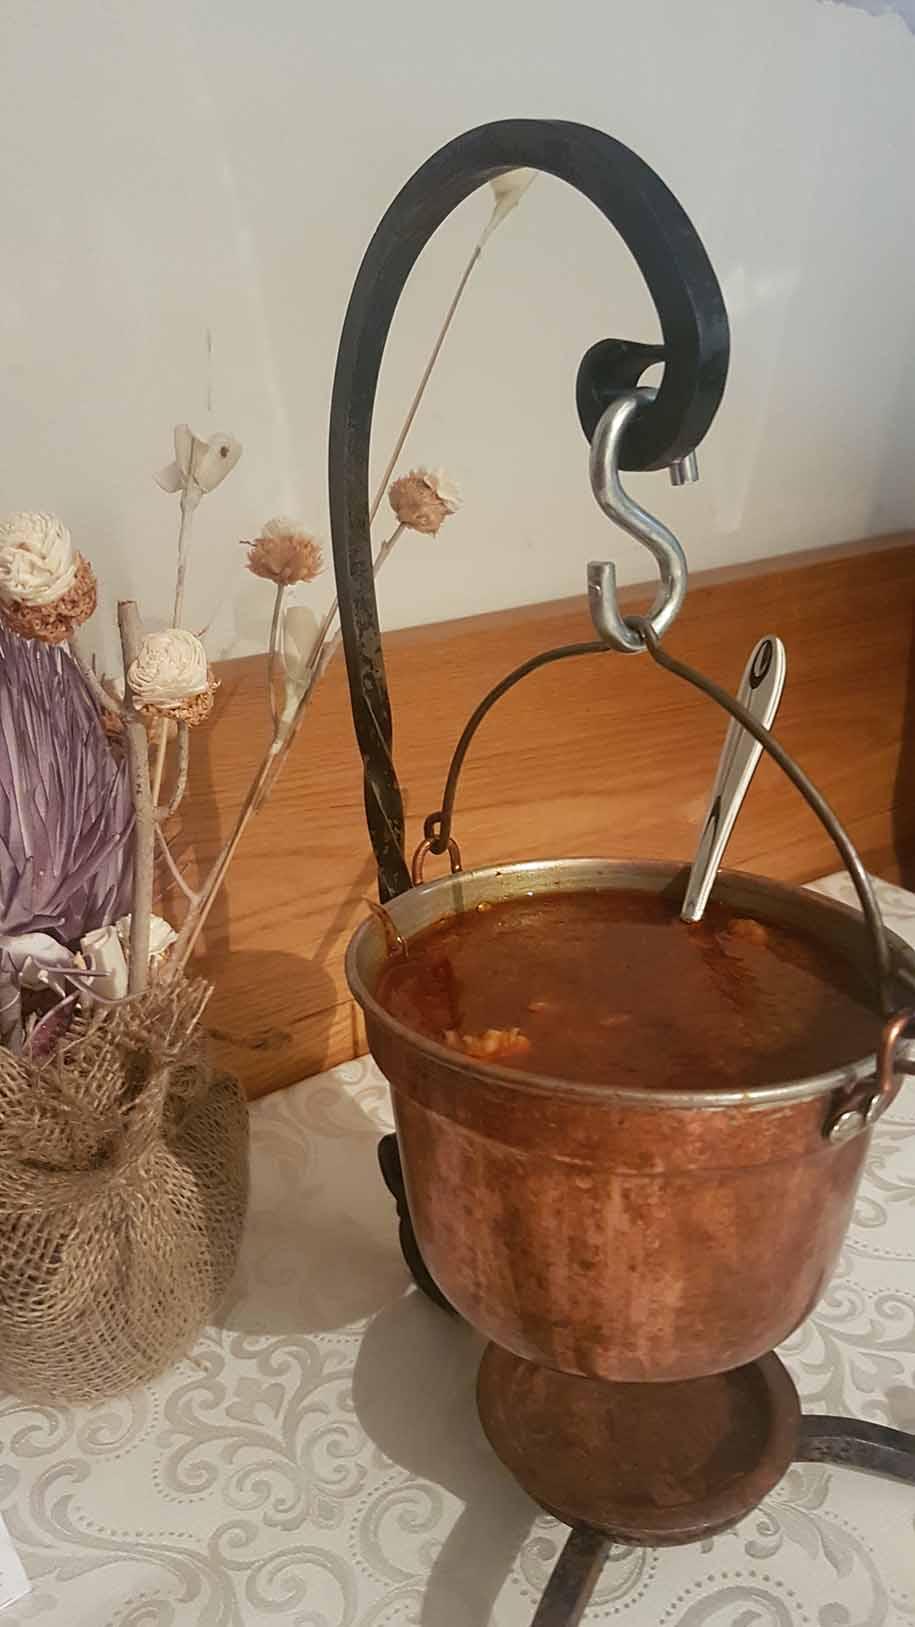 caldo de carne típico da eslovênia, servido num balde